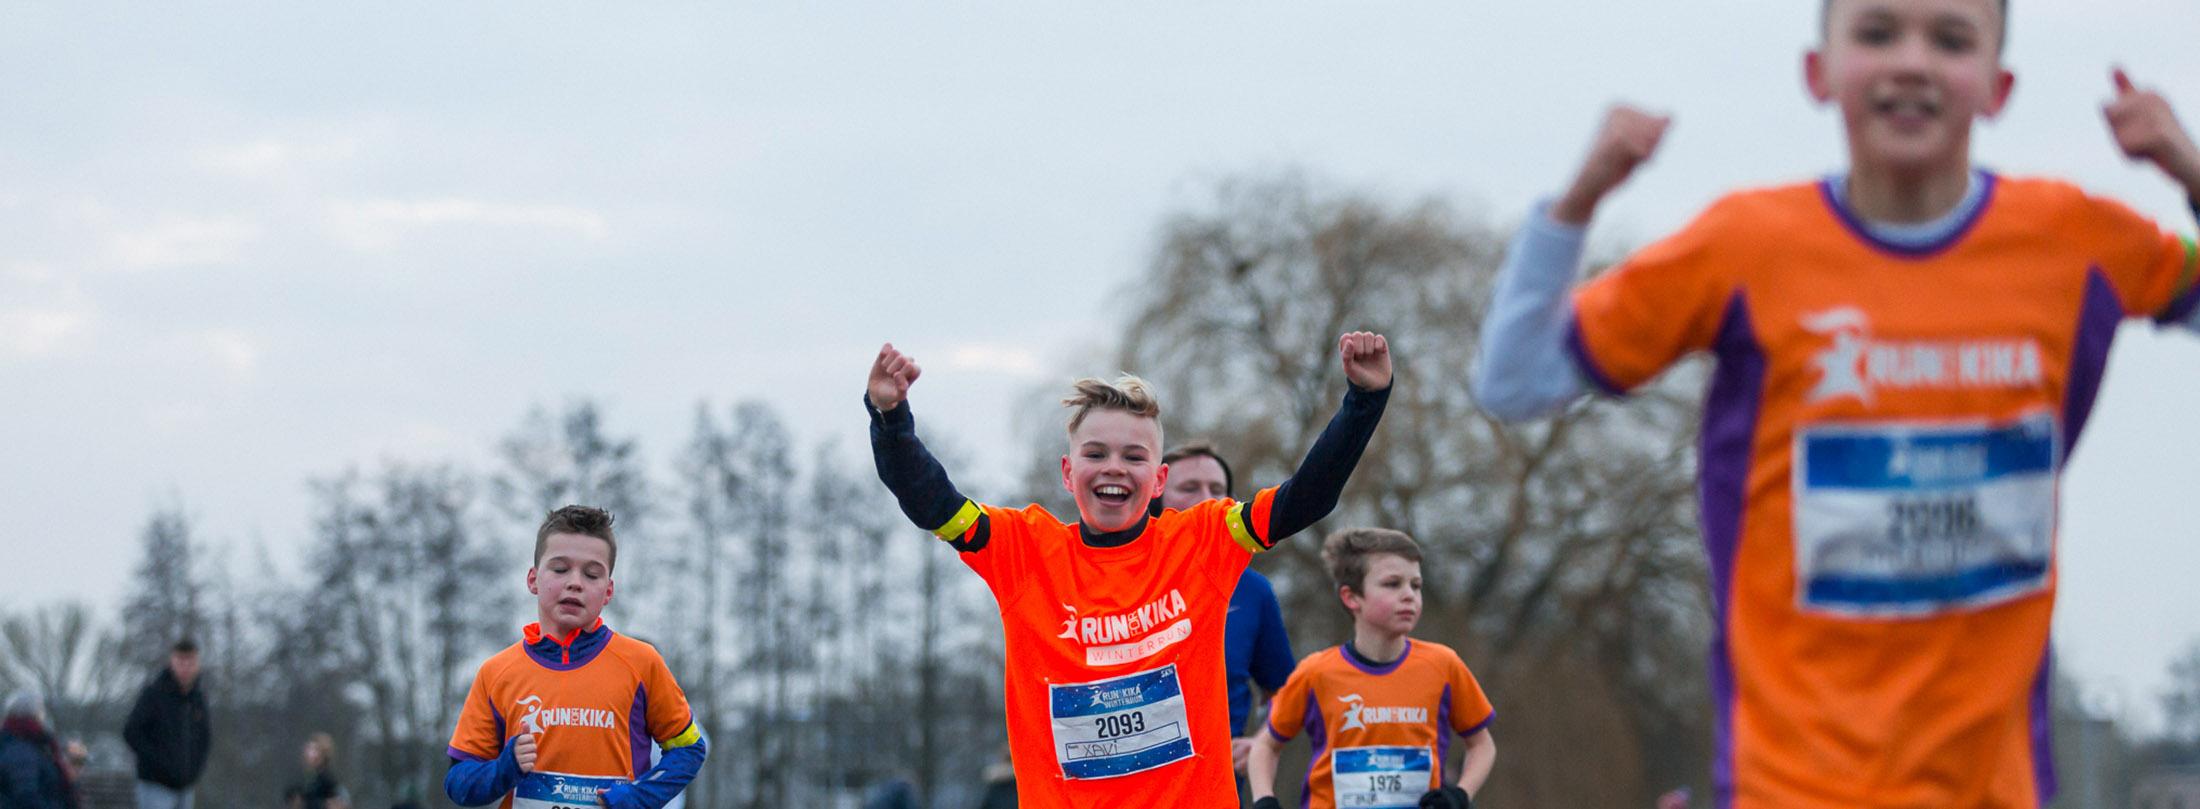 Ook kinderen lopen mee tijdens de KidsRun van Run for KiKa Winterrun in Utrecht